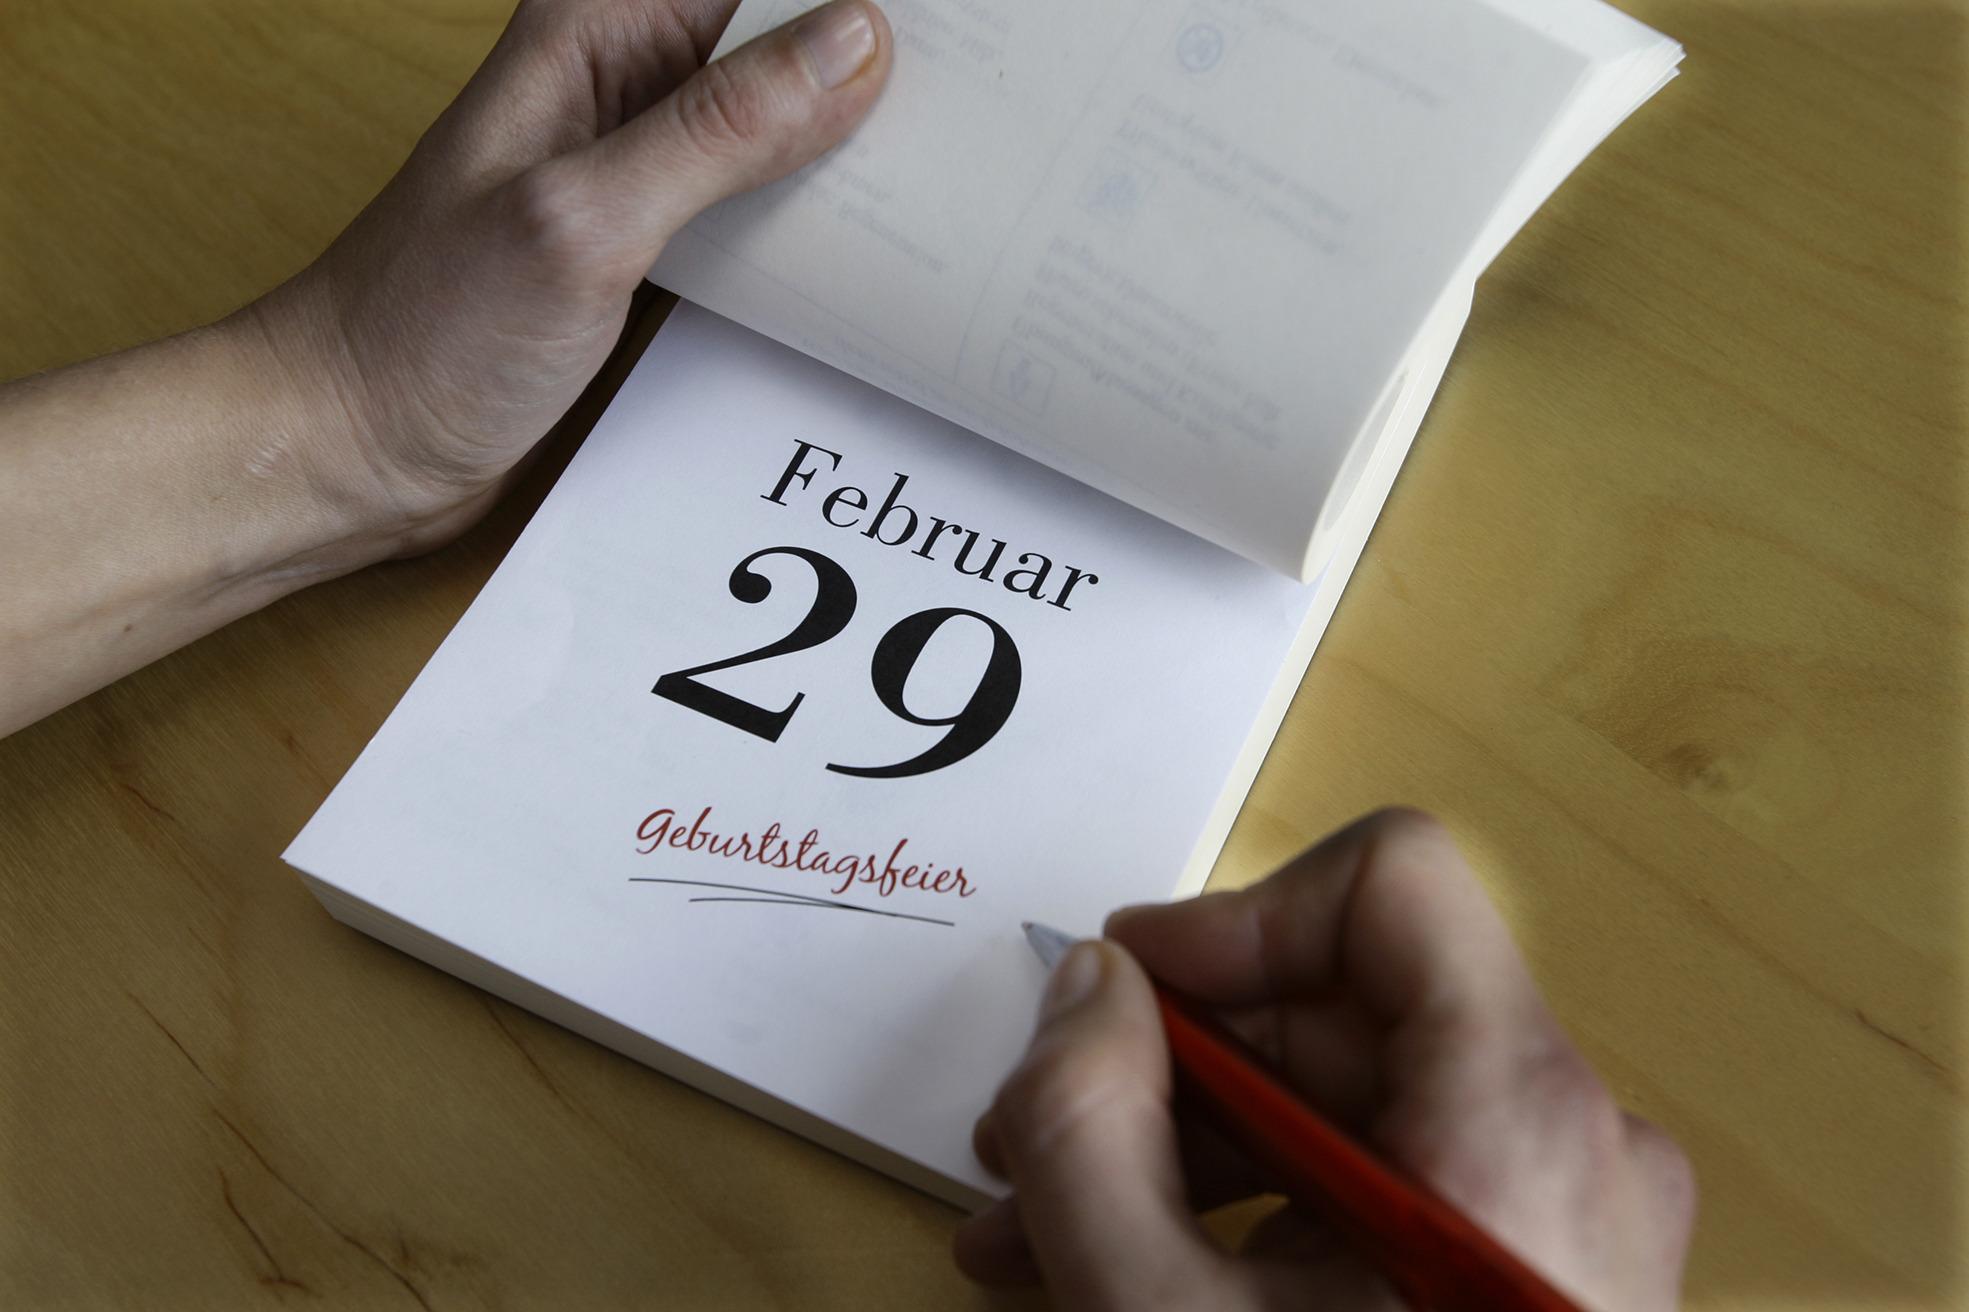 Geburtstagswunsche zum 29 februar